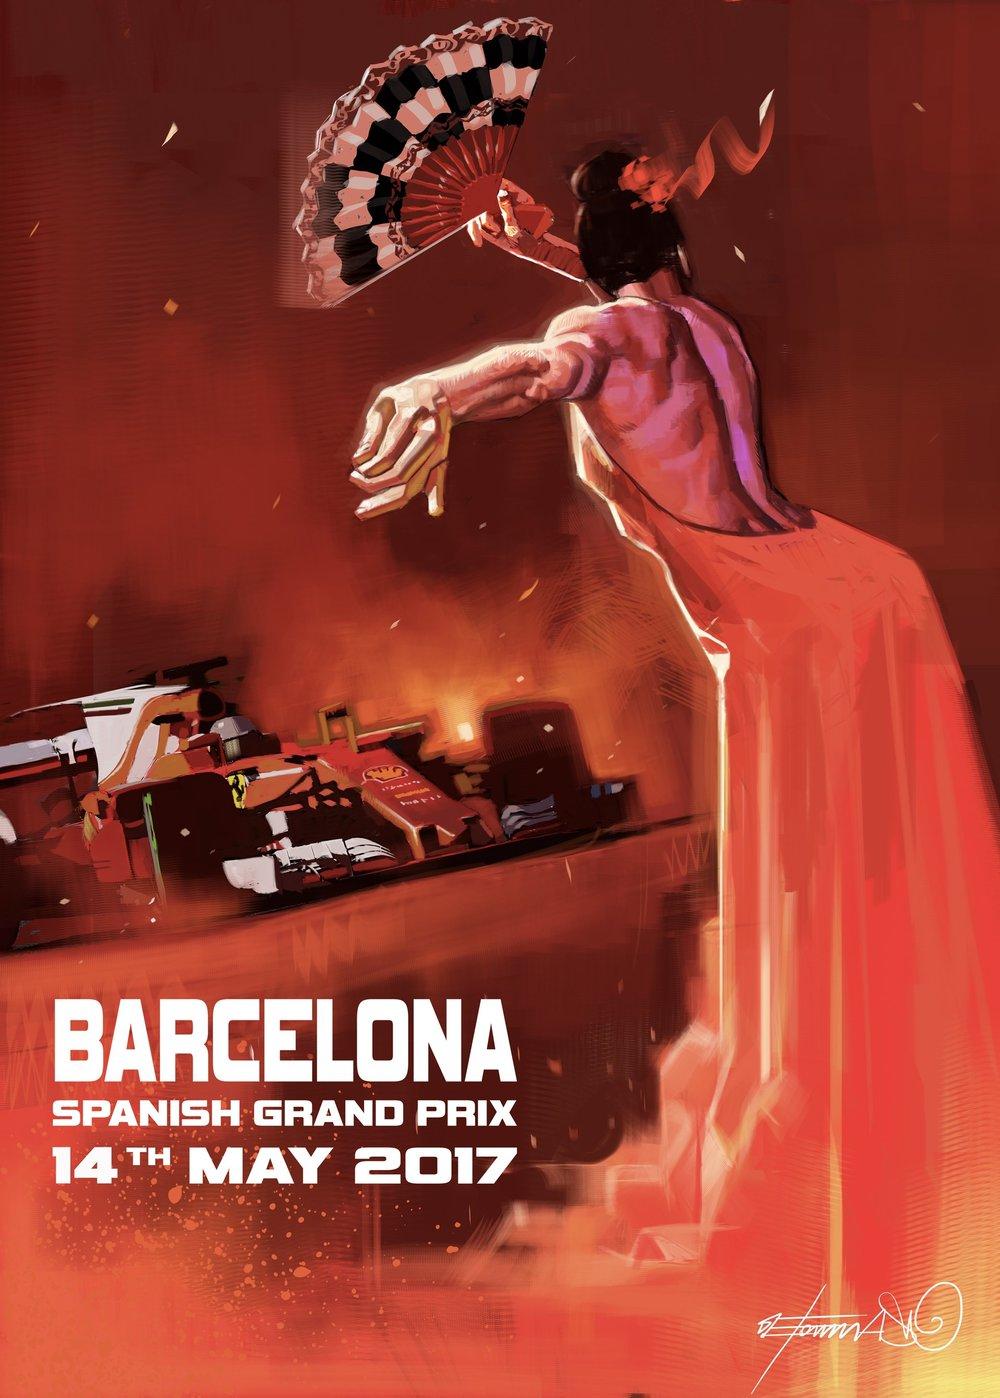 2017 Spanish Grand Prix